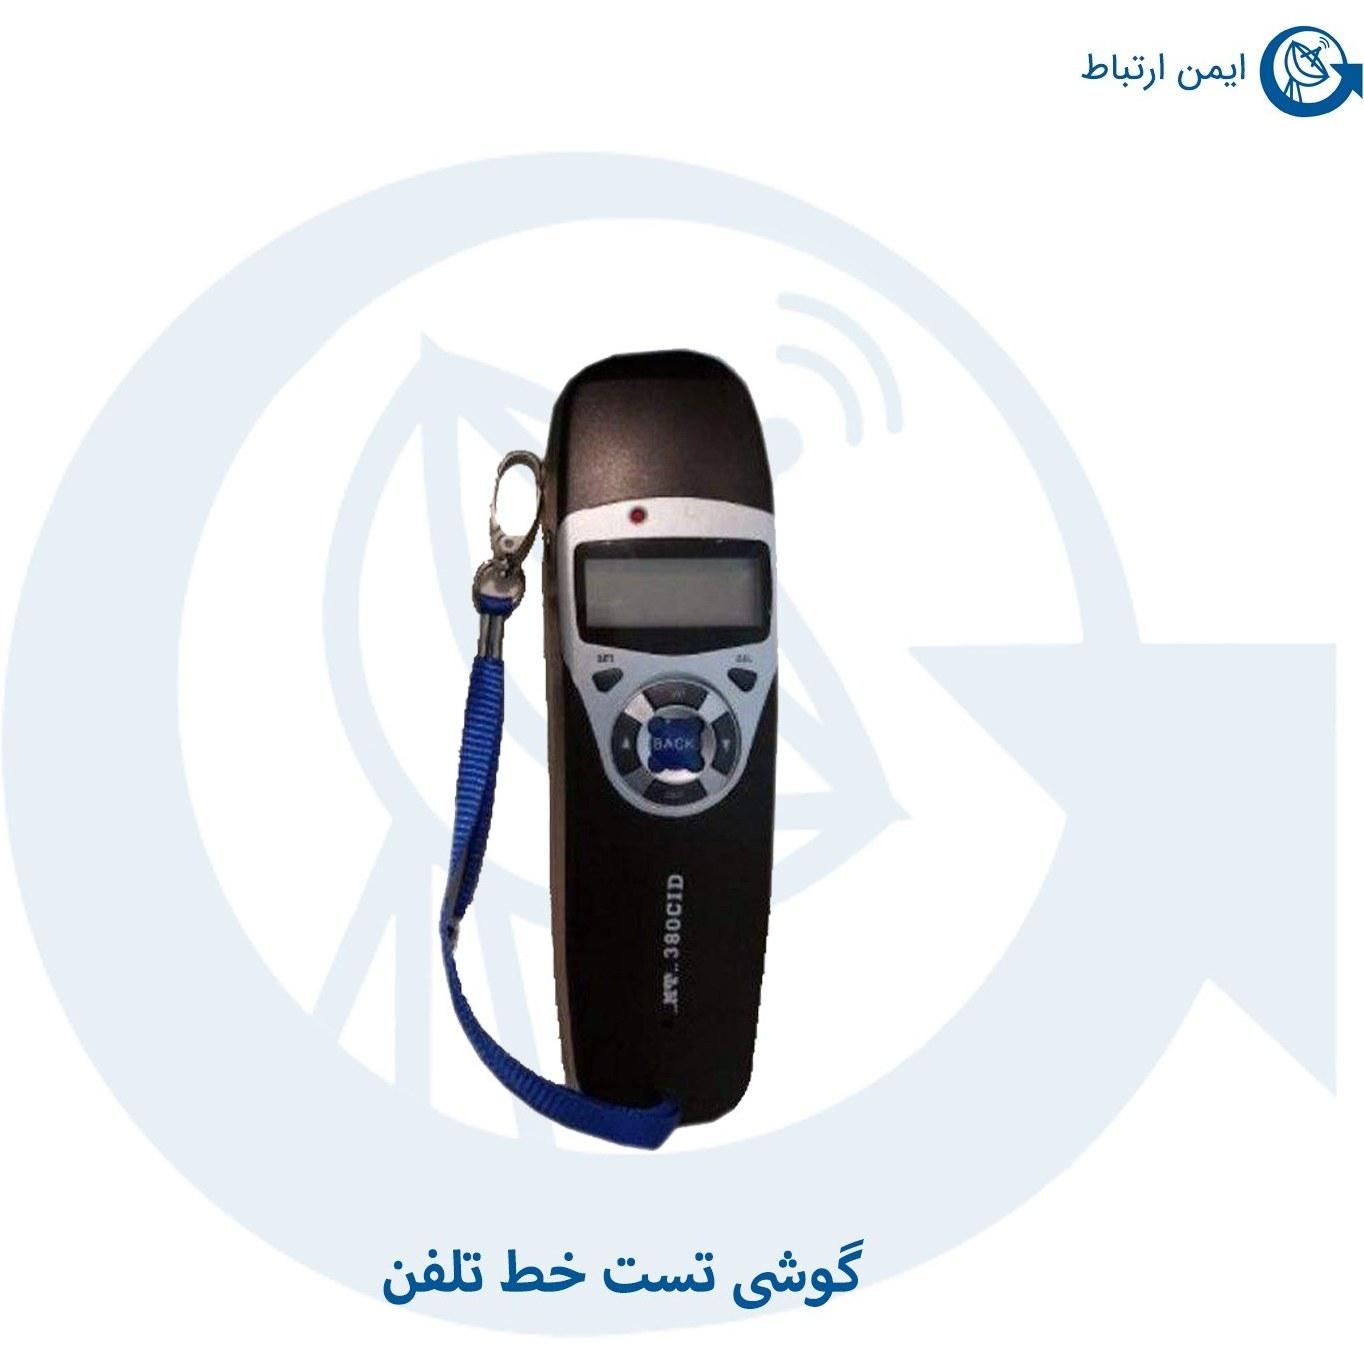 گوشی تست خط تلفن